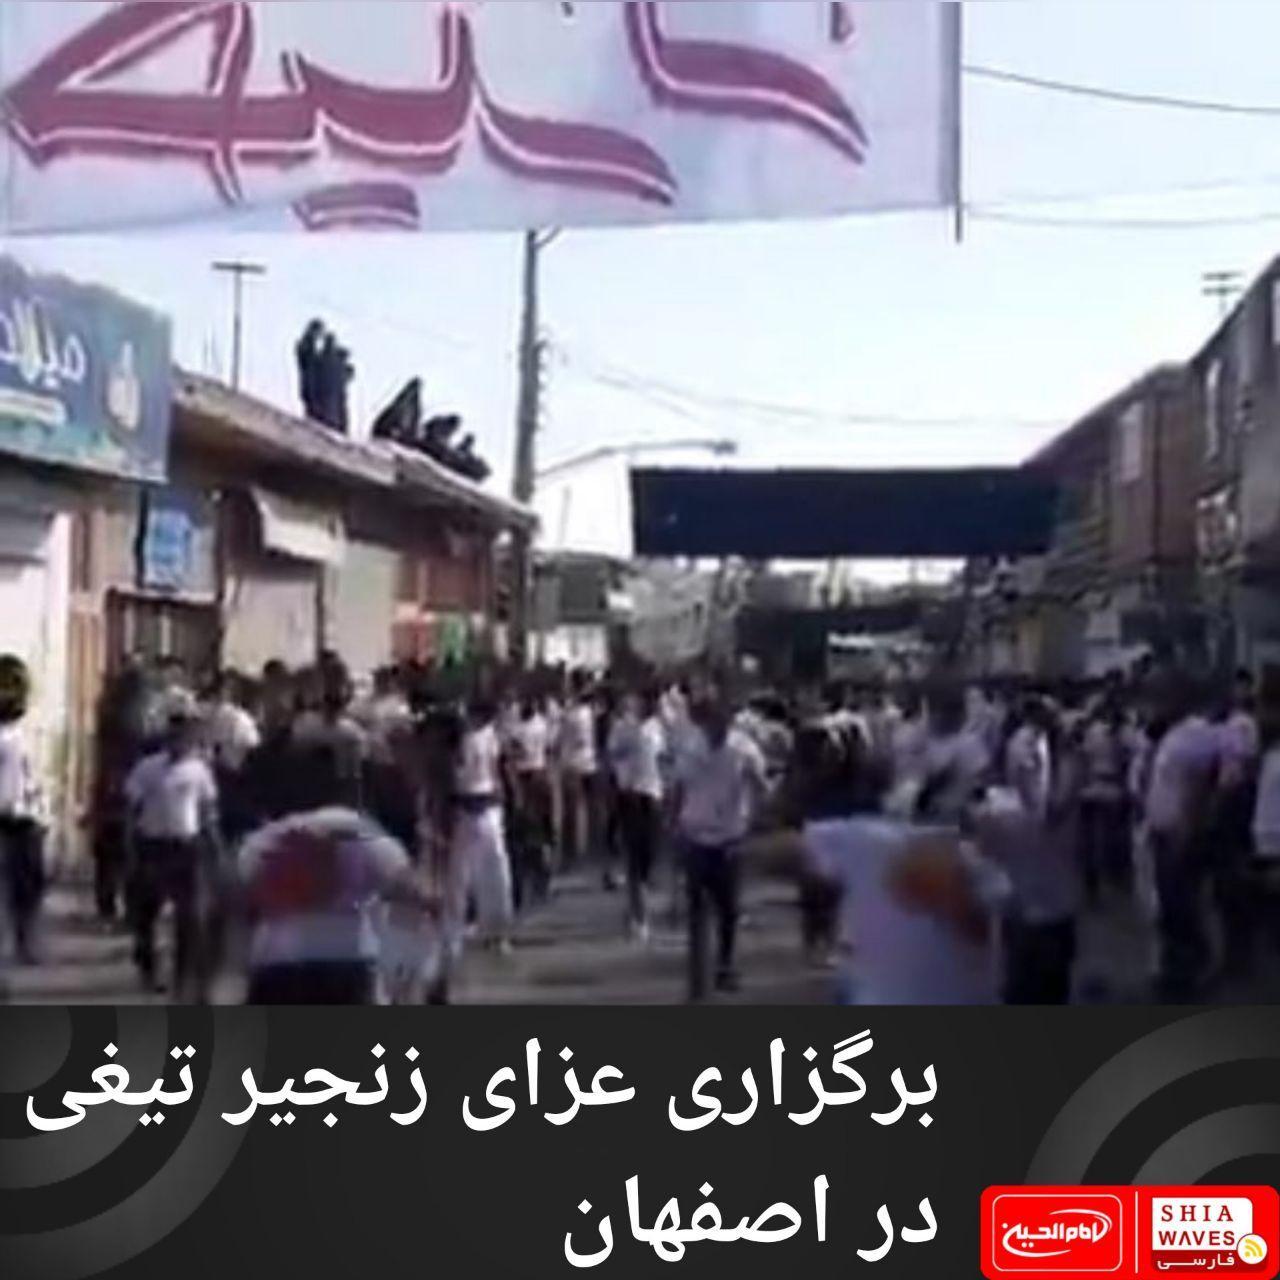 تصویر برگزاری عزای زنجیر تیغی در اصفهان